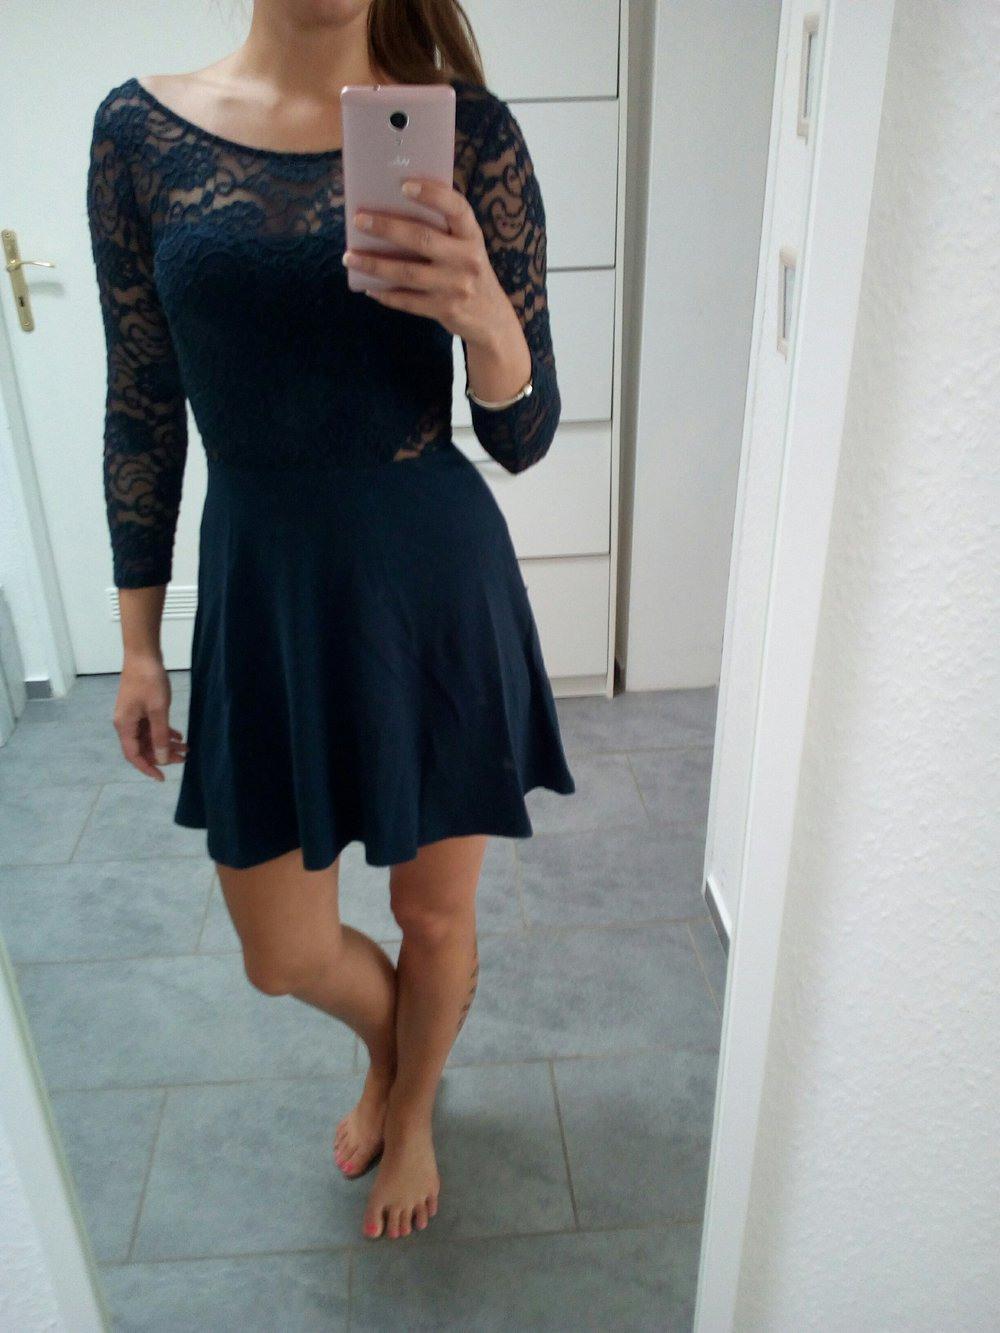 Designer Schön Dunkelblaues Kleid Mit Spitze StylishAbend Genial Dunkelblaues Kleid Mit Spitze Galerie